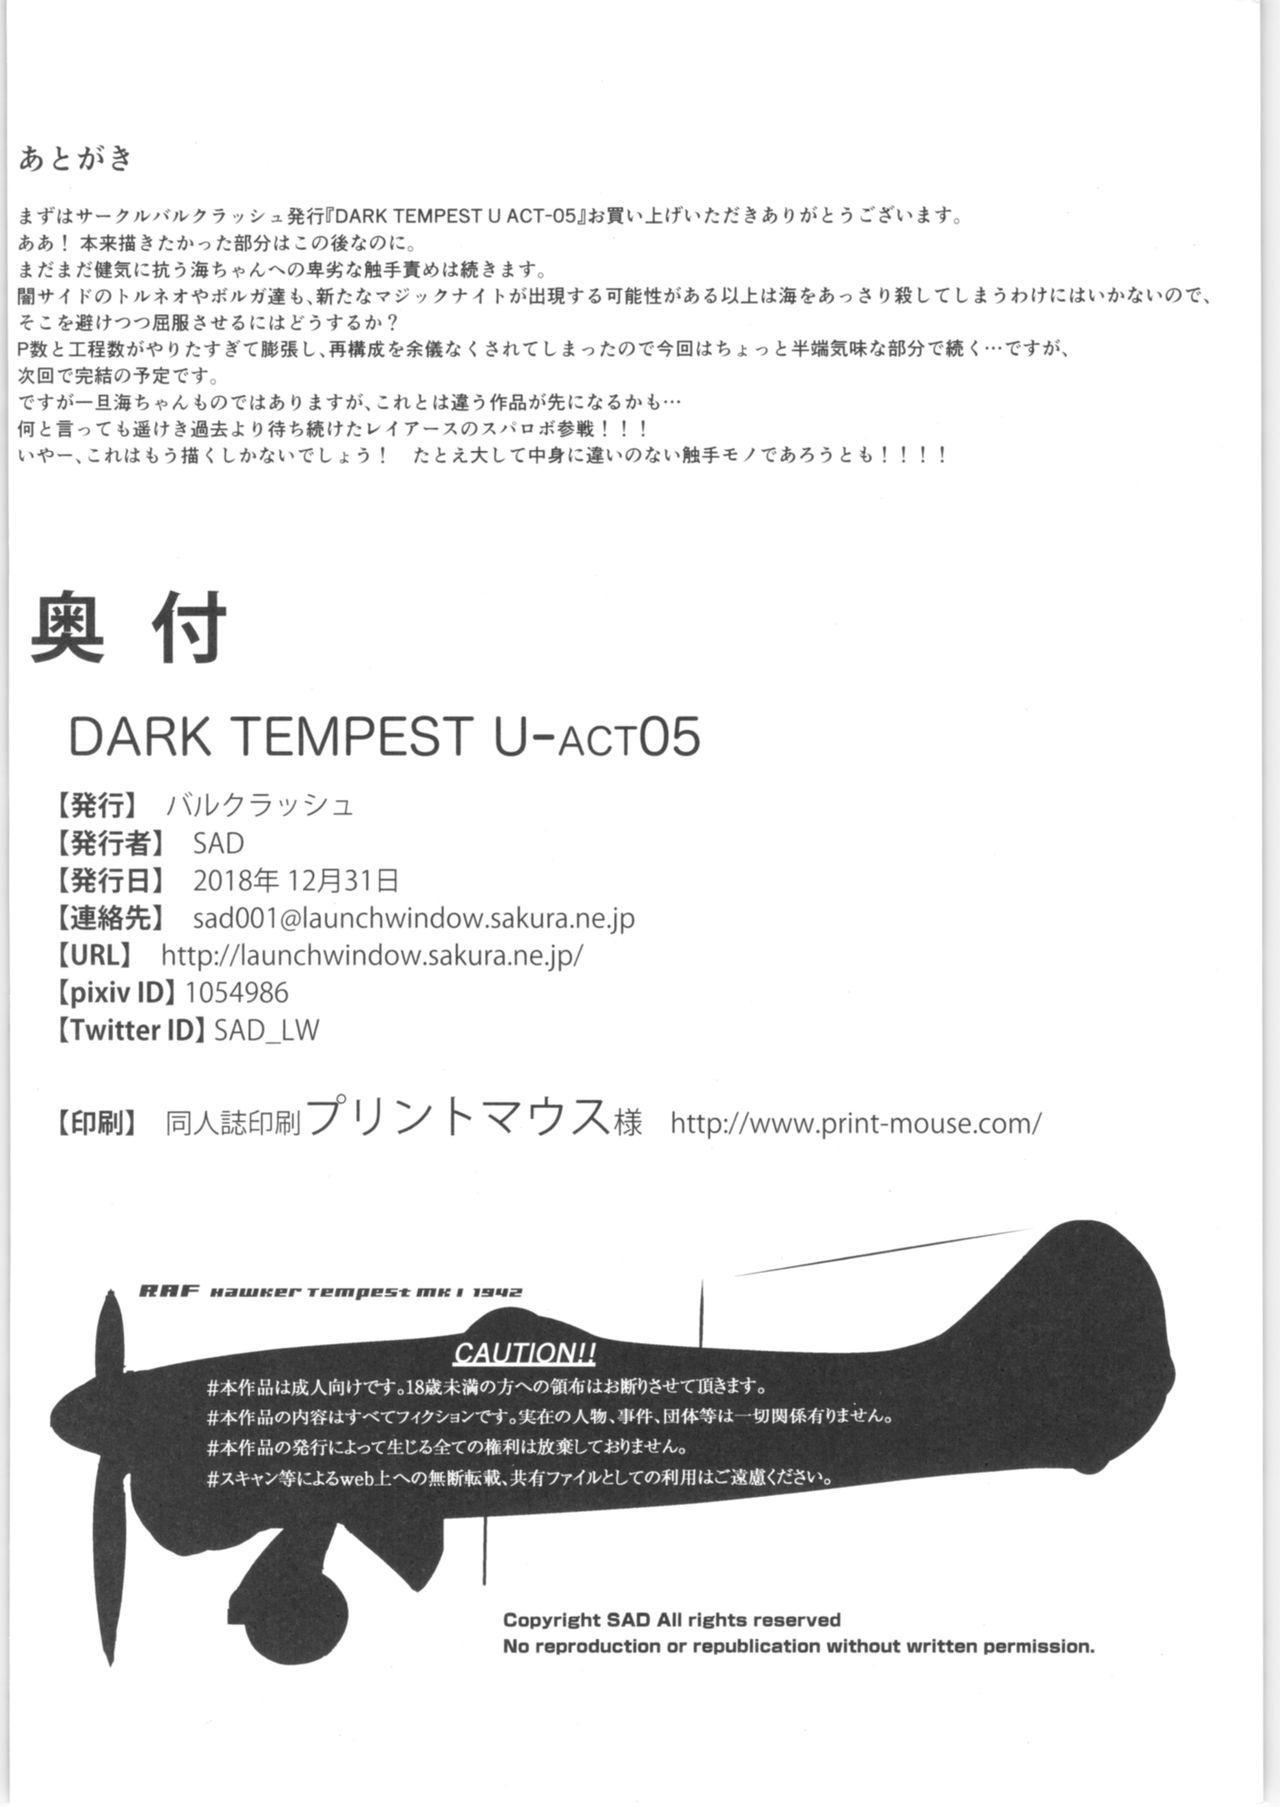 DARK TEMPEST U-ACT05 24